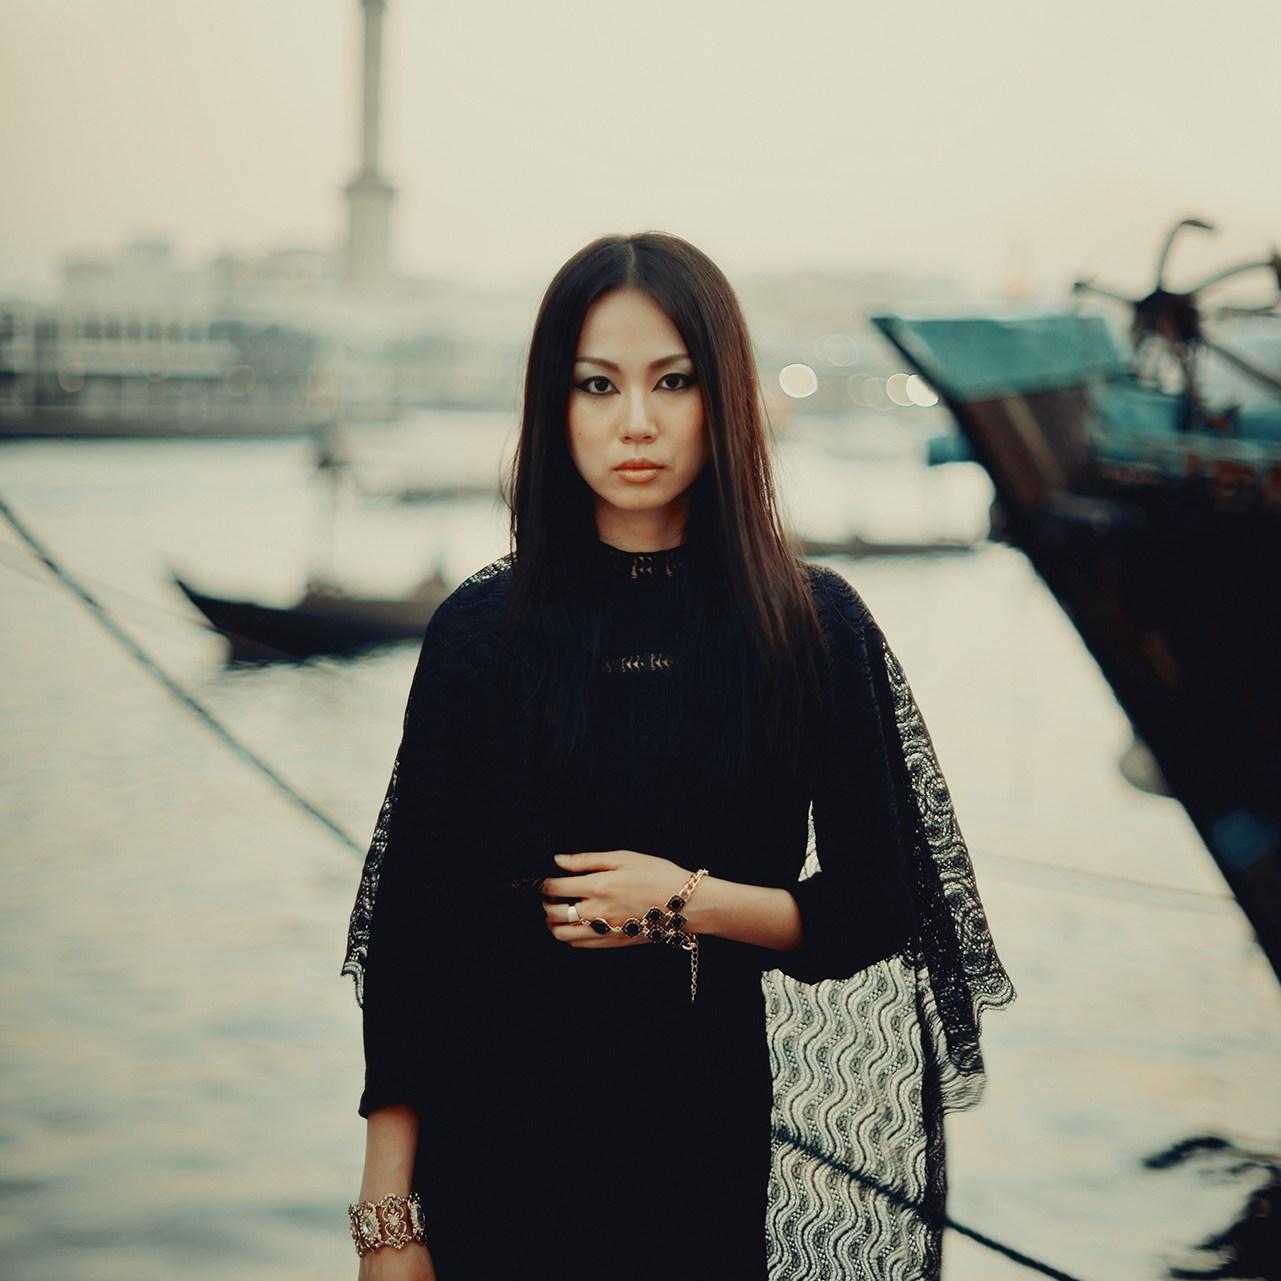 Fashion photography in Dubai, Thailand, Indonesia & Malaysia